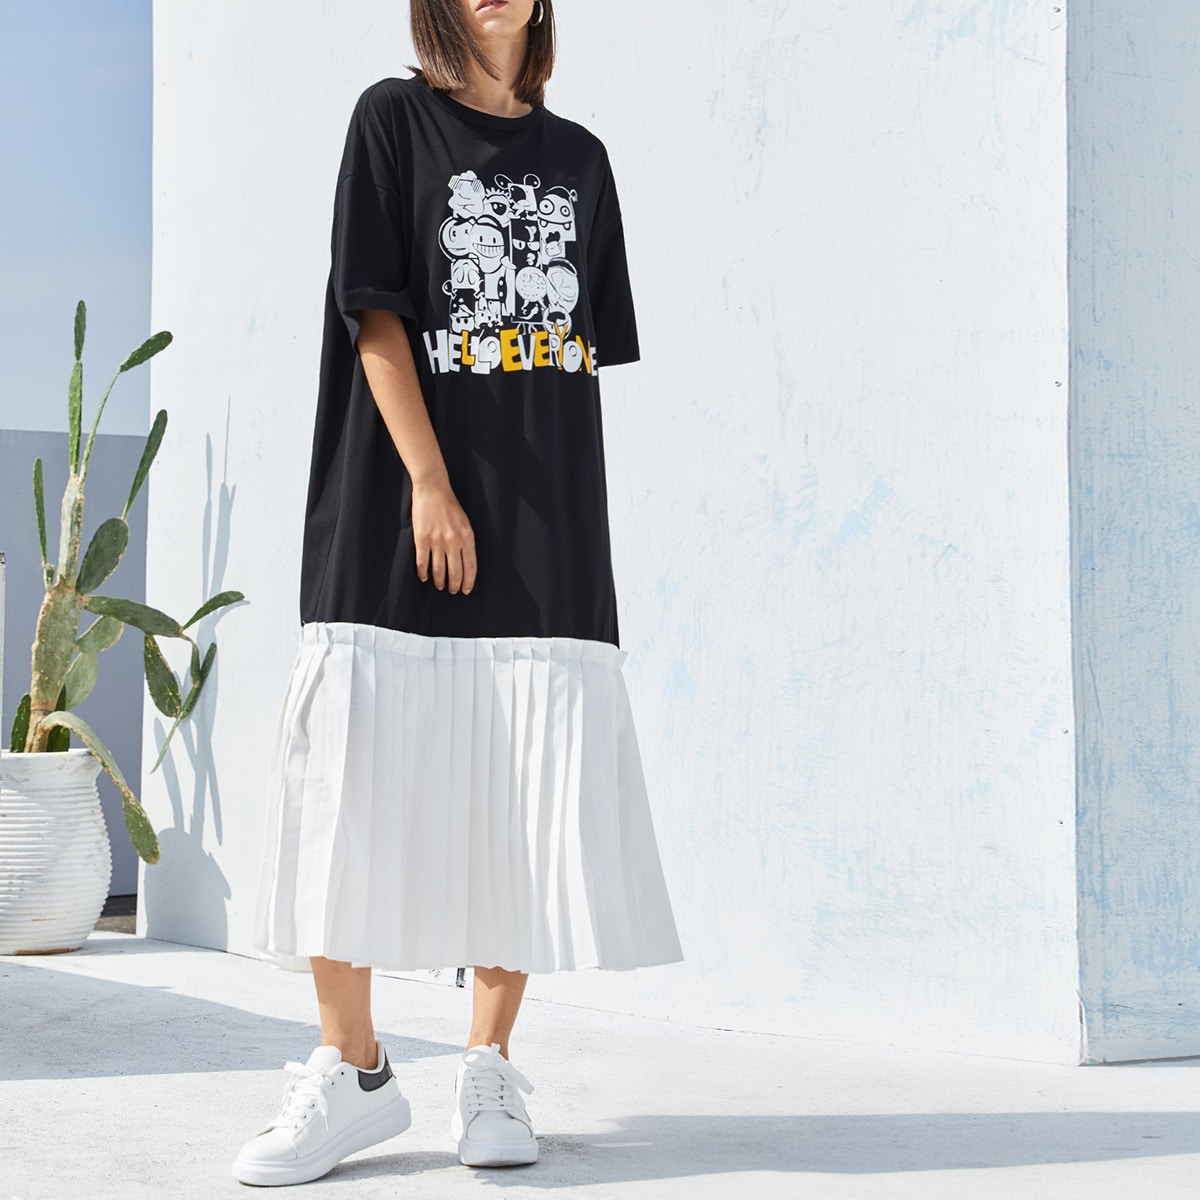 Платье-футболка с текстовым и мультипликационным принтом